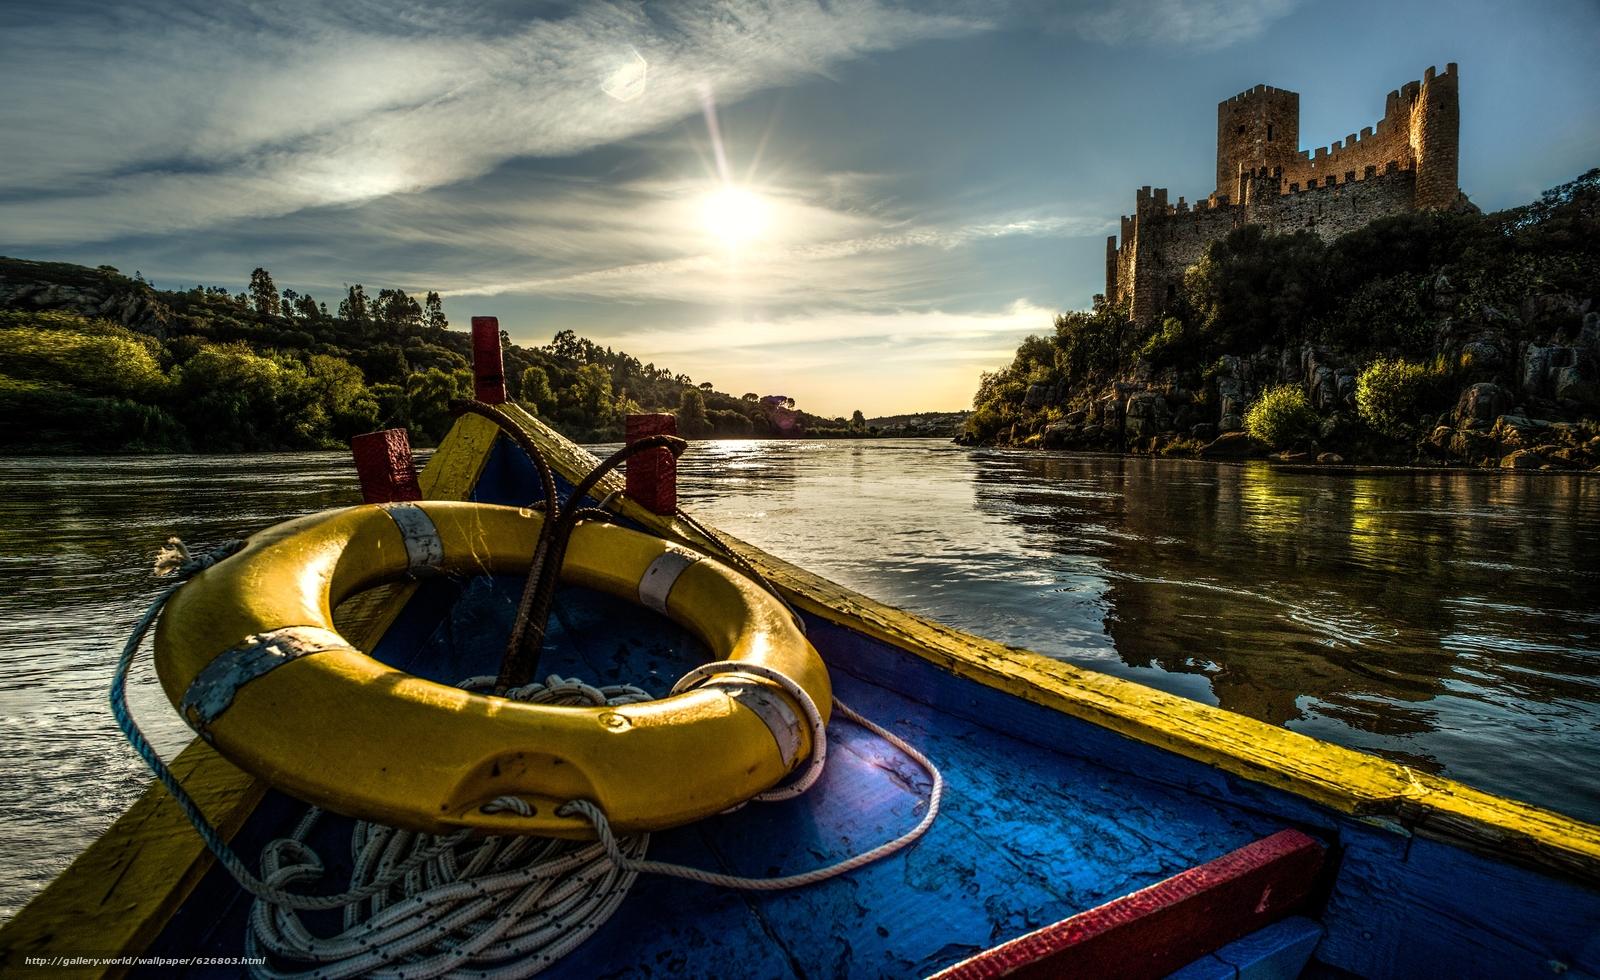 Скачать обои Castle of Almourol,  Tagus River,  Portugal,  Замок Алмоурол бесплатно для рабочего стола в разрешении 3840x2352 — картинка №626803